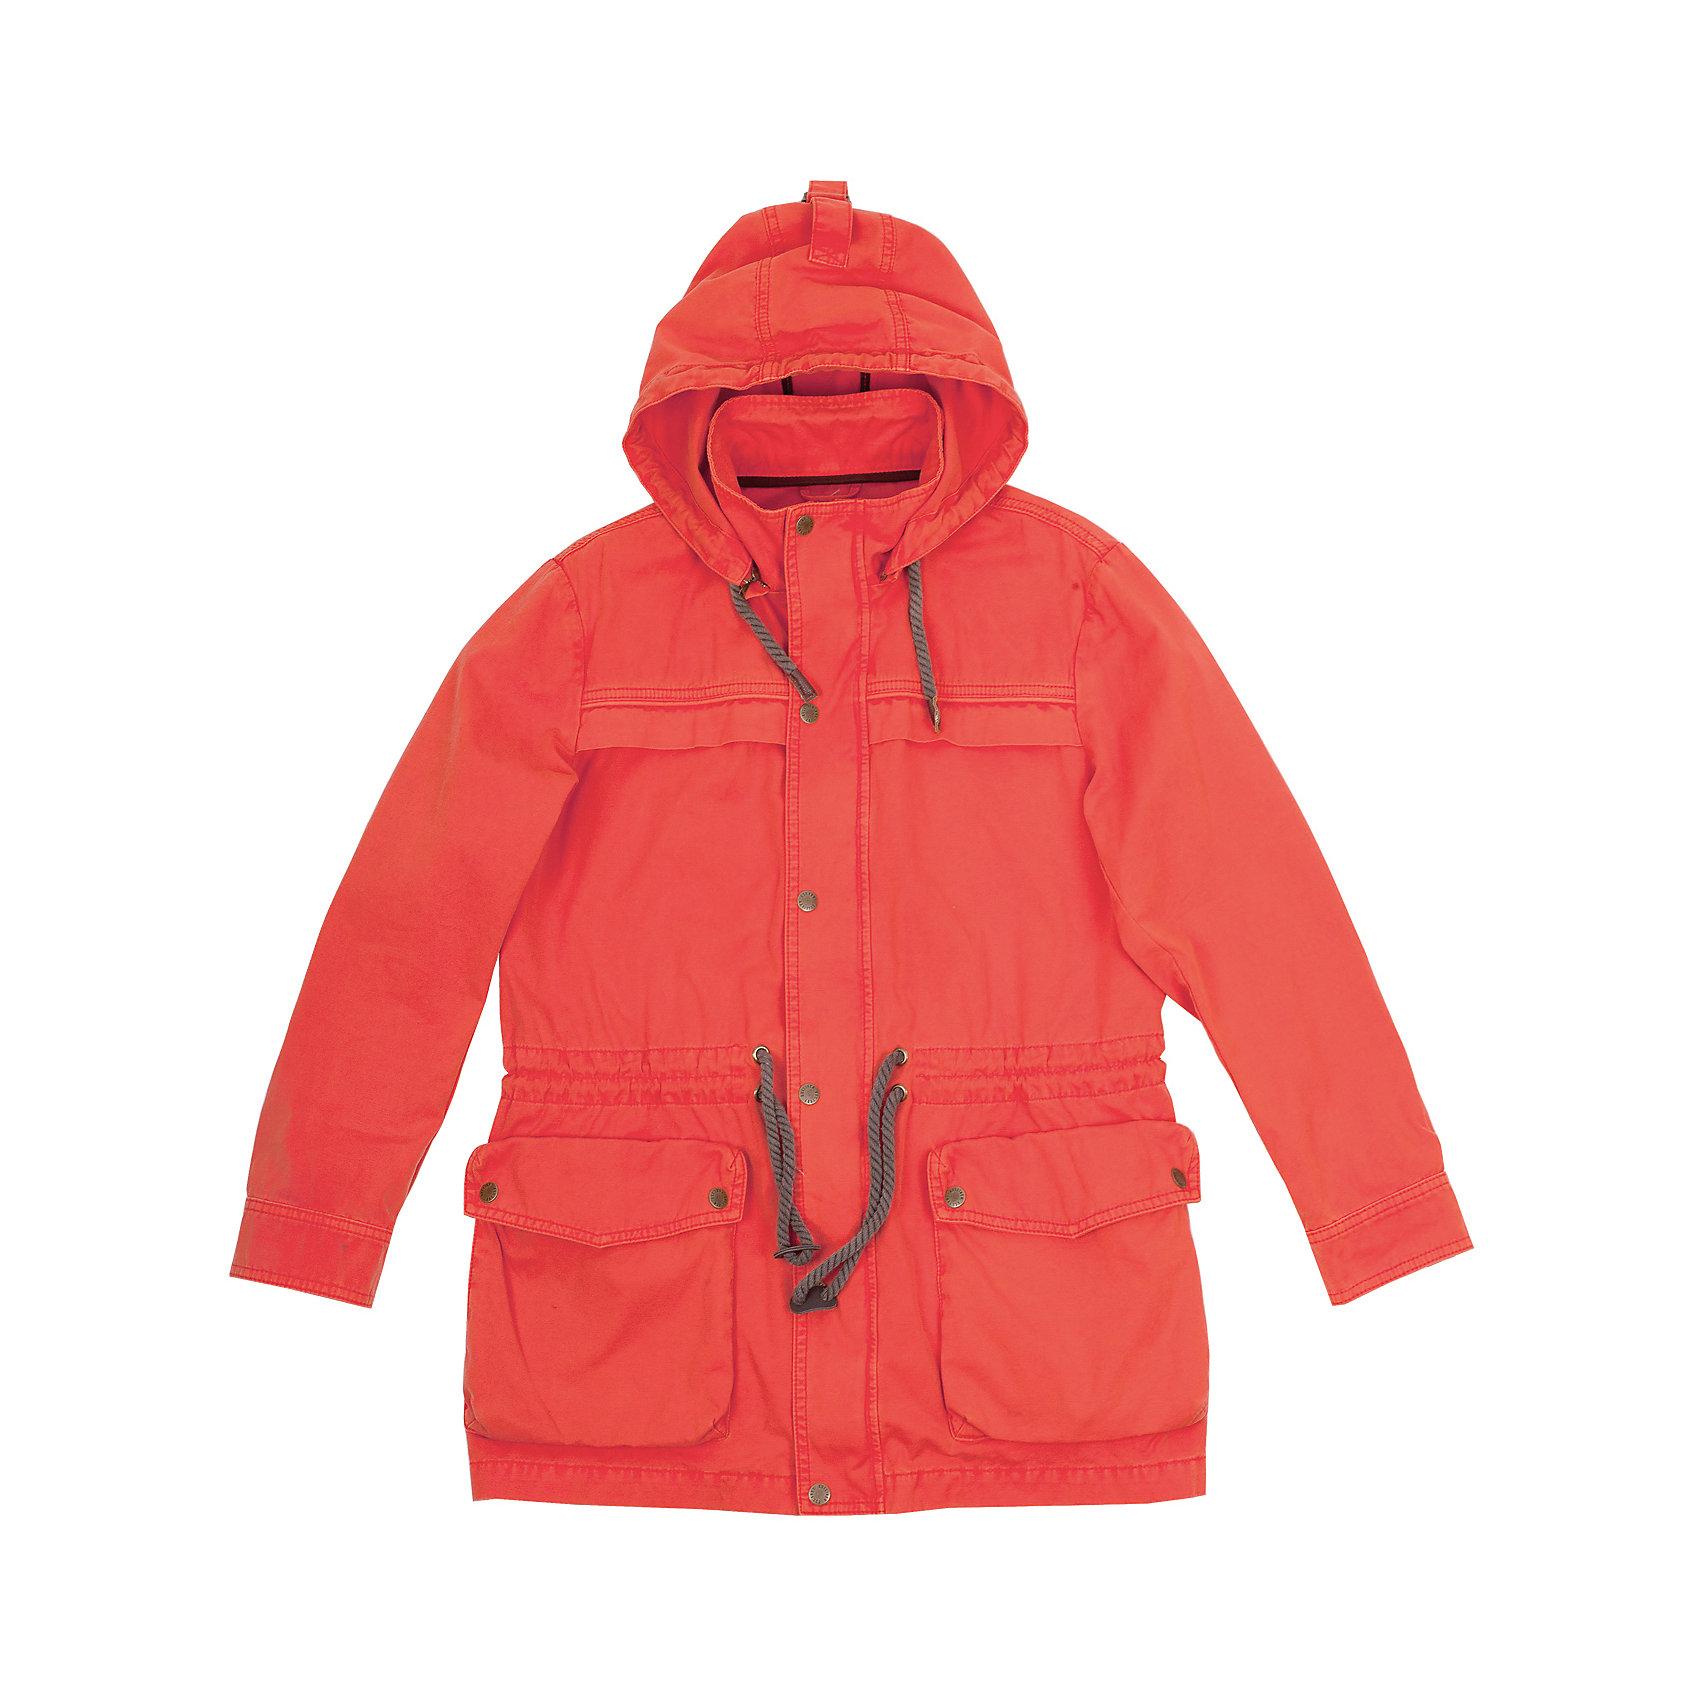 Ветровка для мальчика GulliverВетровки и жакеты<br>Куртка- парка - бесспорный хит сезона Весна/Лето 2016! Выполненная в лучших традициях стиля casual, яркая оранжевая парка  -  прекрасный образец модной удлиненной ветровки для мальчика-подростка. Объемные карманы с клапанами, модные налокотники, функциональные детали, стильная брендированная  фурнитура делают эту ветровку-парку ярким, заметным, энергичным изделием коллекции. Эстетичная обработка внутренних швов модели говорит о продуманности и высоком качестве исполнения. Вы хотите купить стильную ветровку для мальчика? Оранжевая куртка-парка даже лучше, чем вы ожидаете! Она настраивает на позитив и активное времяпрепровождение.<br>Состав:<br>100% хлопок<br><br>Ширина мм: 356<br>Глубина мм: 10<br>Высота мм: 245<br>Вес г: 519<br>Цвет: оранжевый<br>Возраст от месяцев: 156<br>Возраст до месяцев: 168<br>Пол: Мужской<br>Возраст: Детский<br>Размер: 164,158,146,152<br>SKU: 4535098